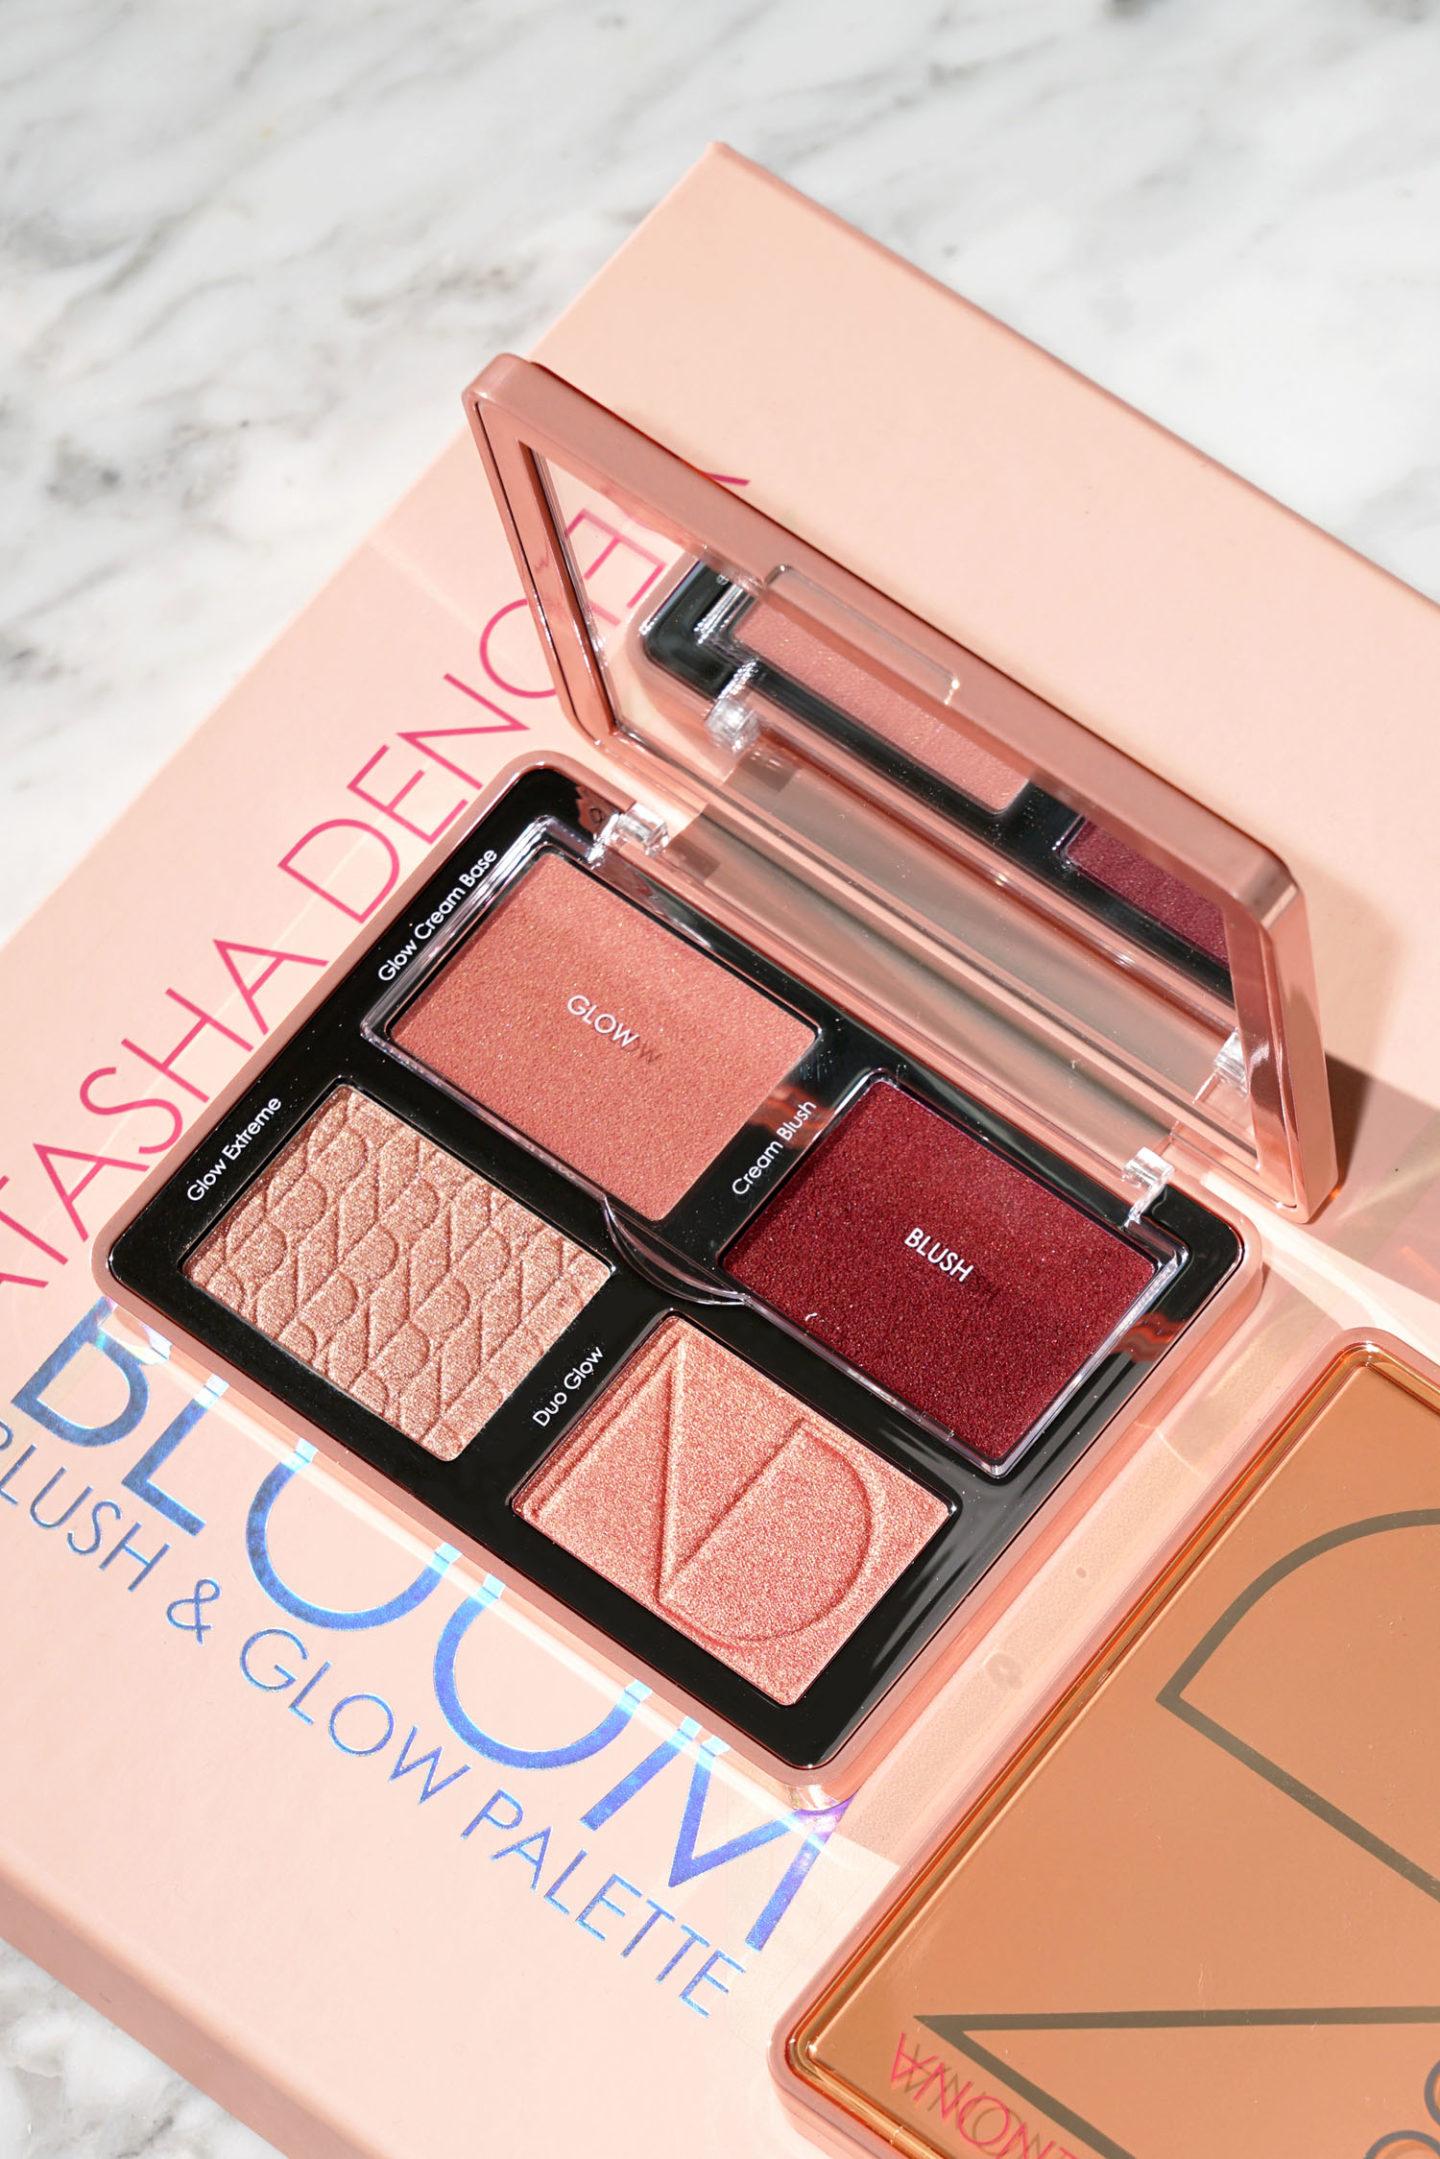 Chronique de Natasha Denona Bloom Blush & Glow Palette